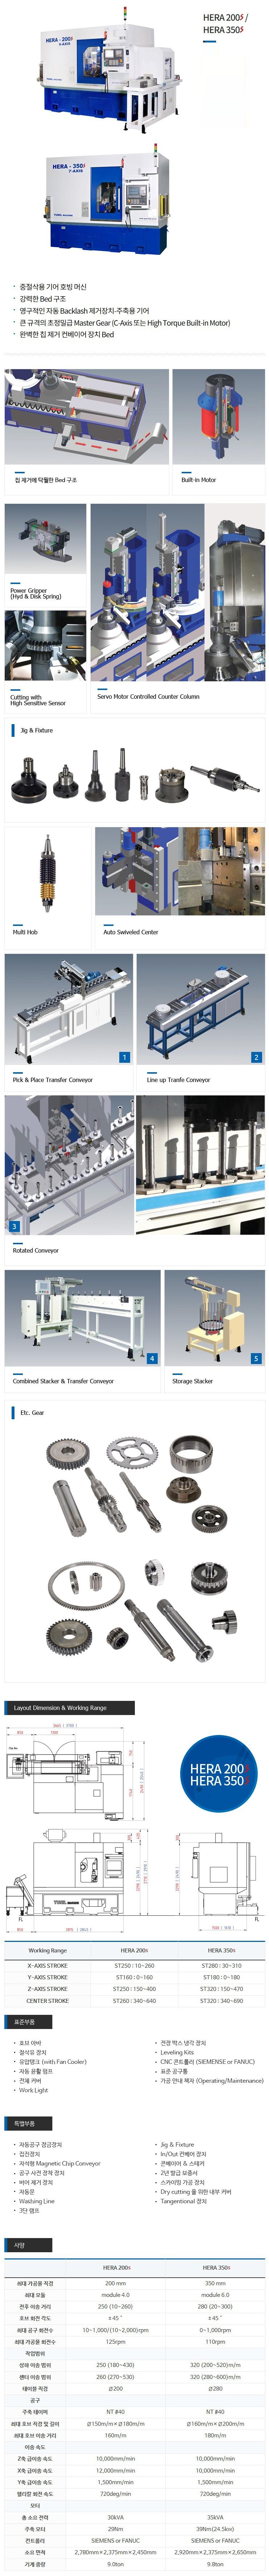 연일기계 CNC Gear Hobbing Machine HERA 200S / HERA 350S 1